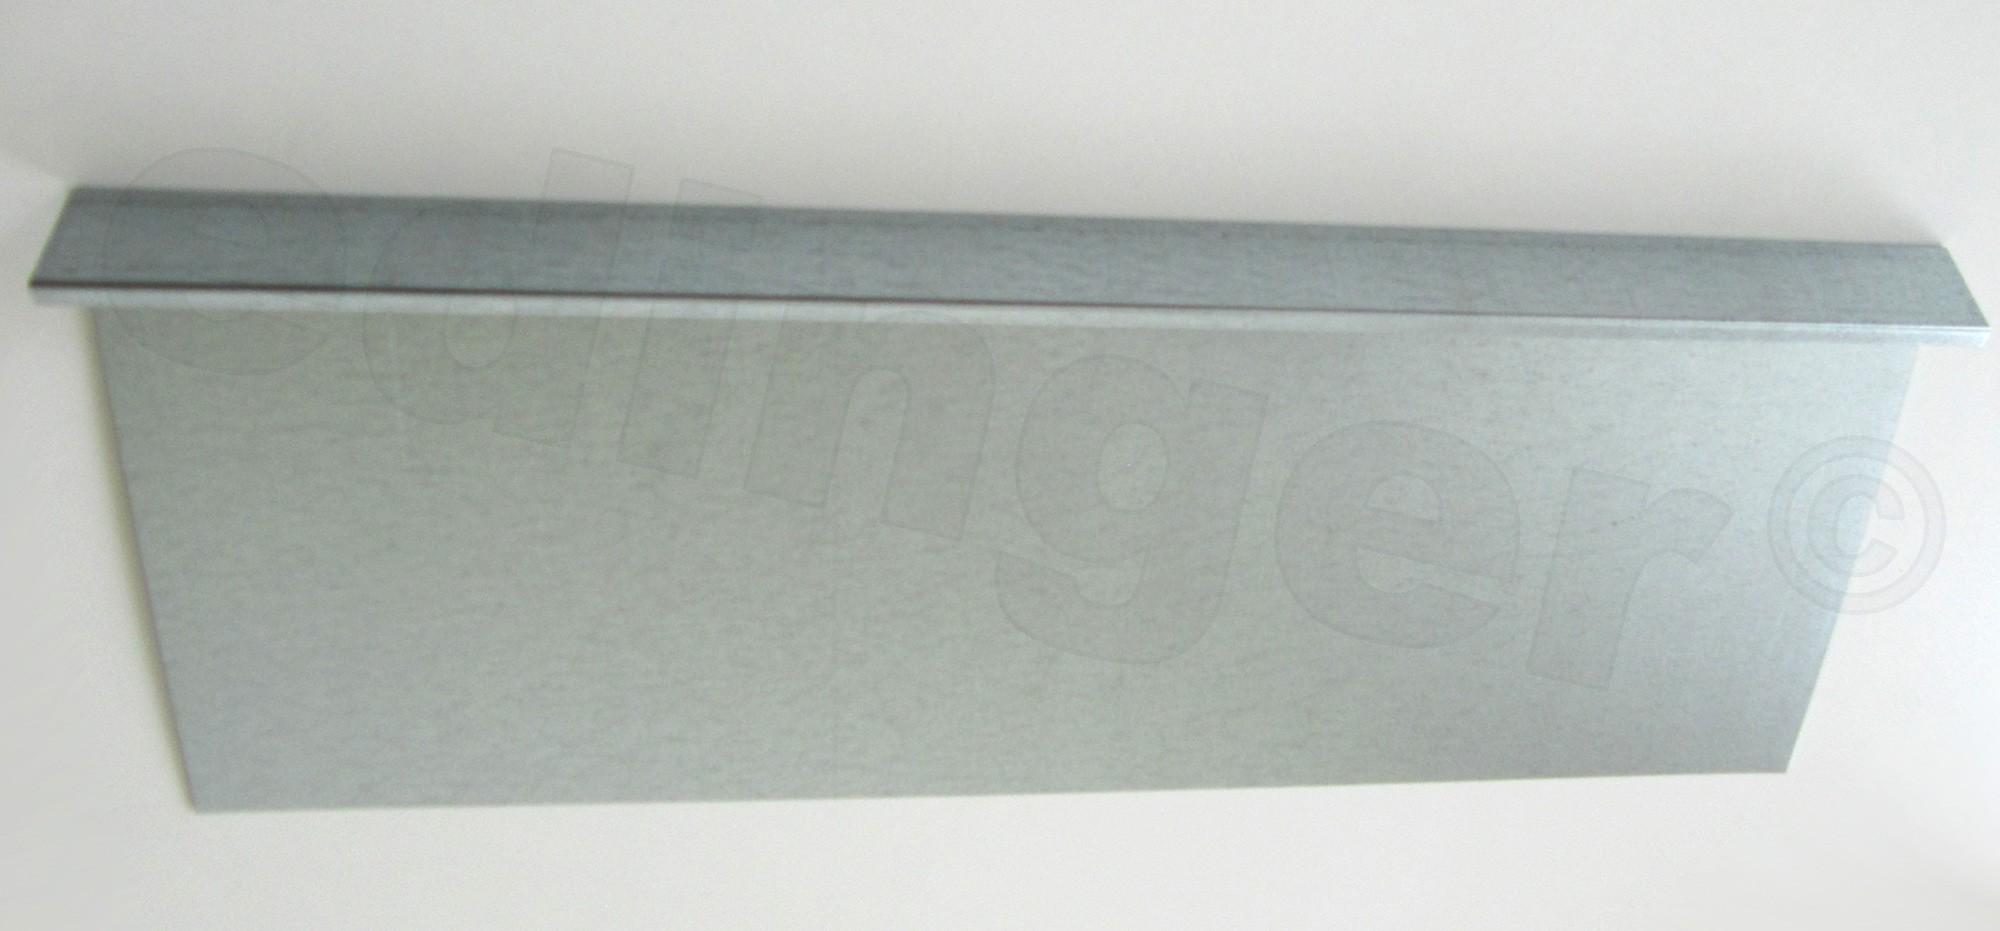 Schneckenzaun / Schneckenblech Metall 100x20cm Bild 1